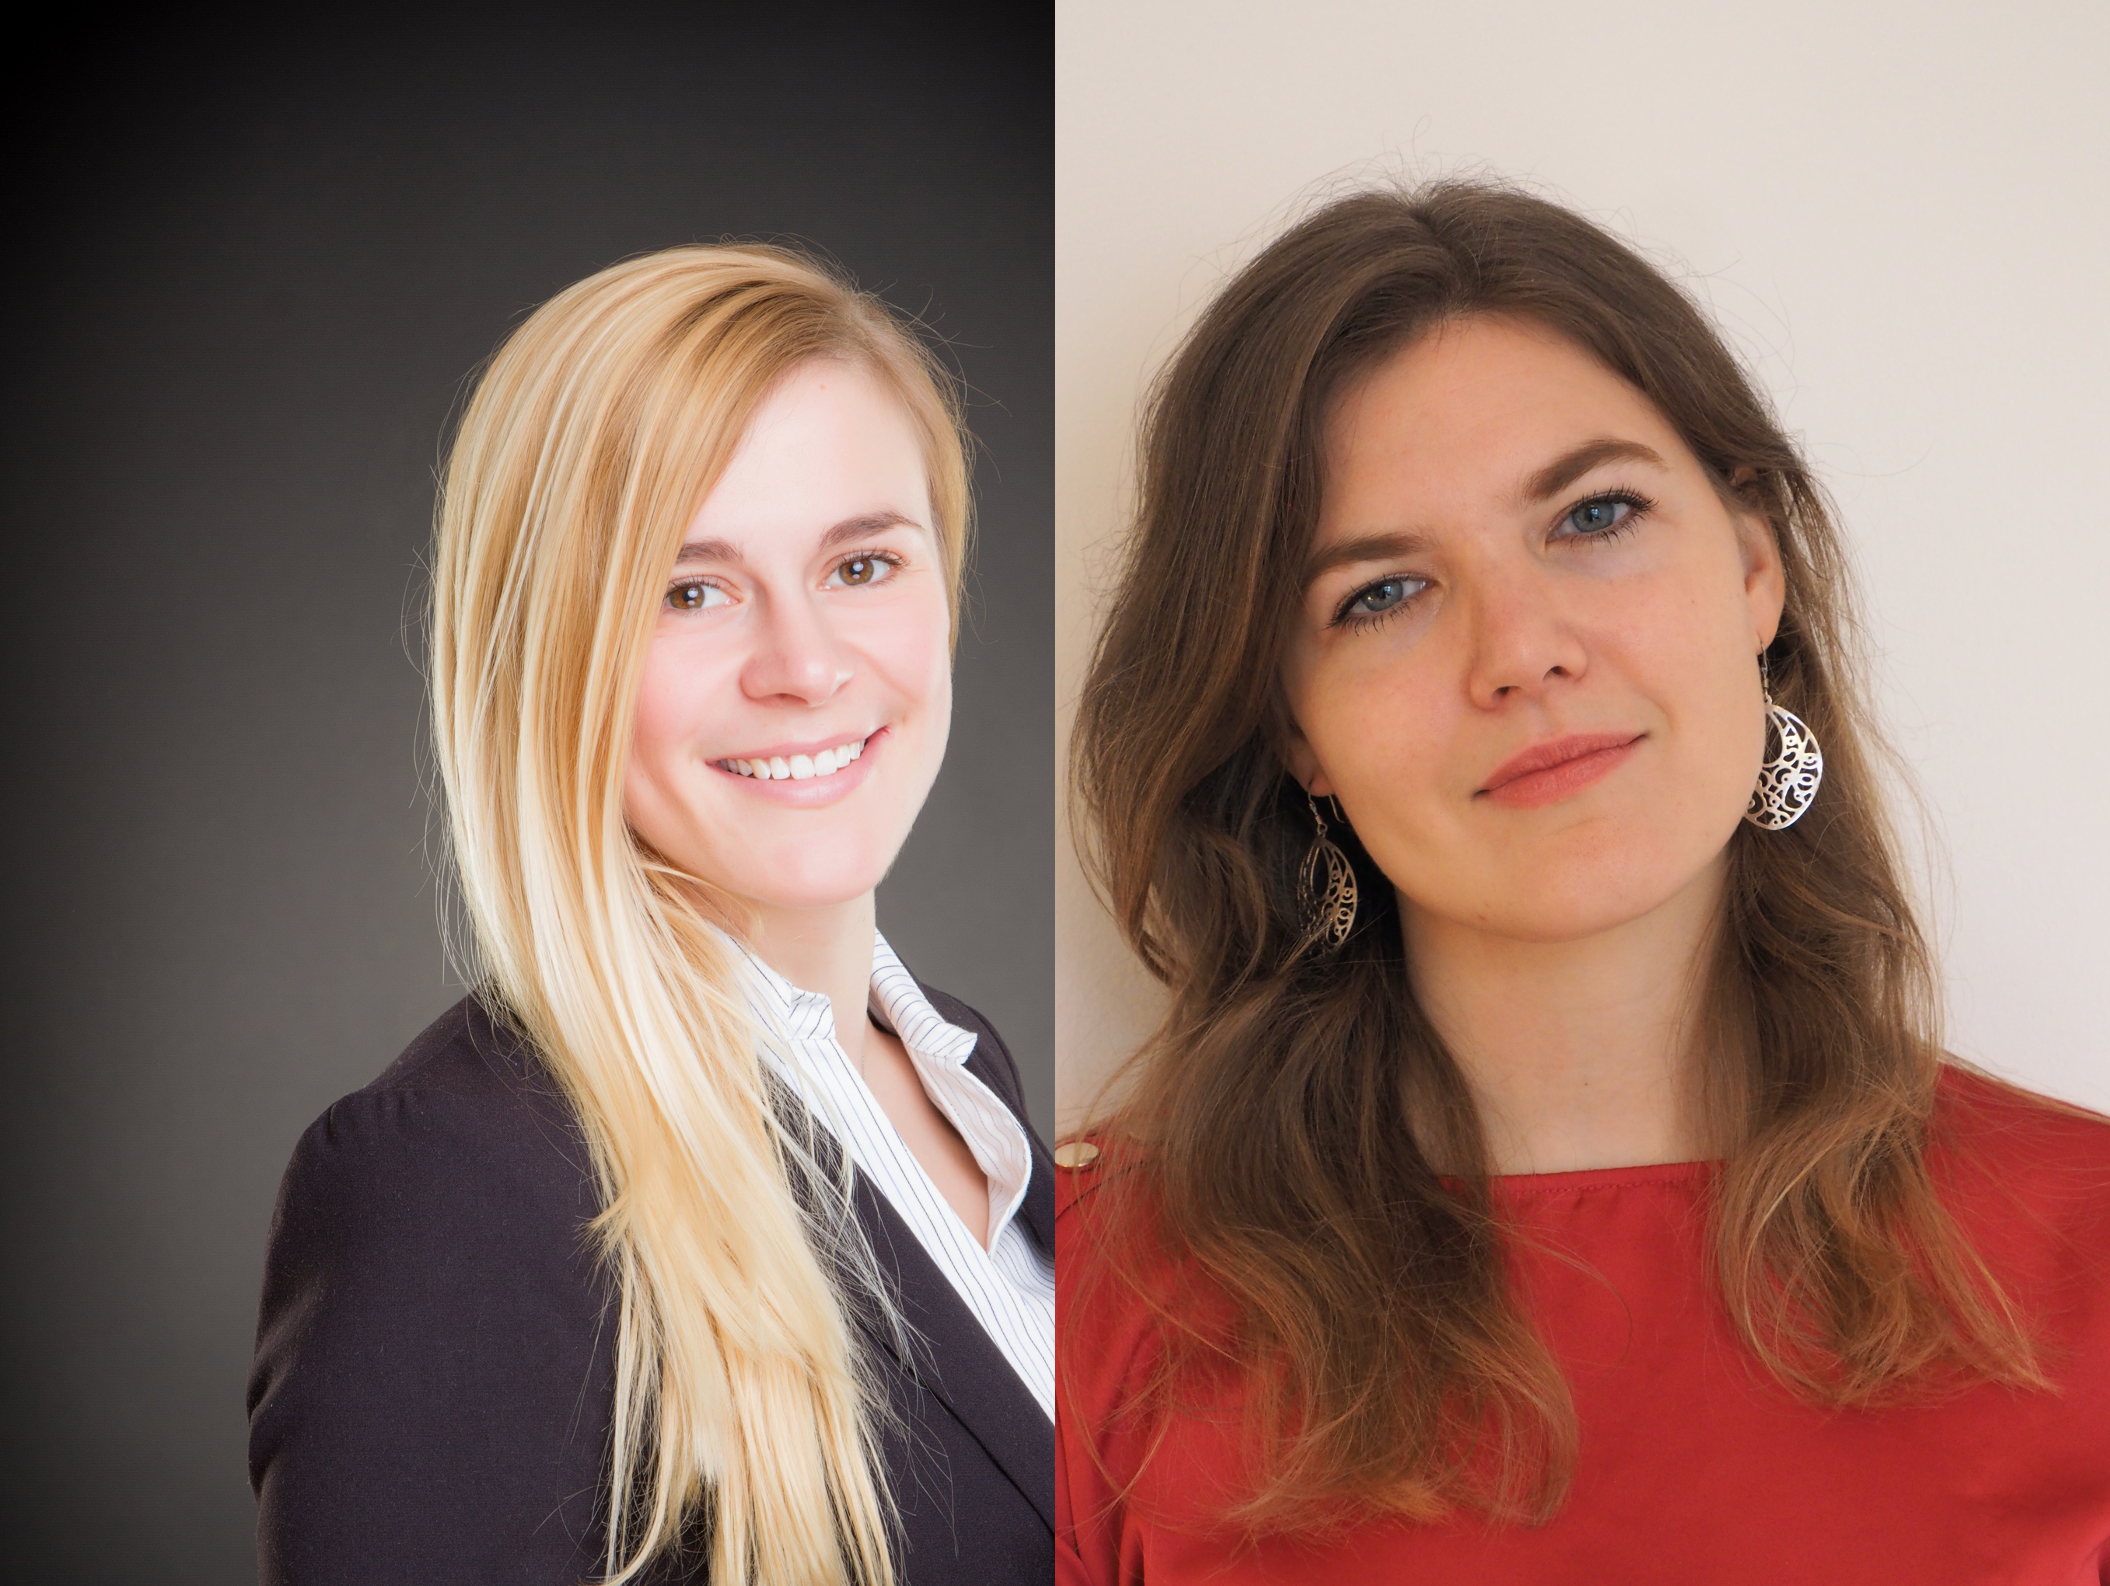 Geballte Umsetzungskraft für Unternehmensberatung: DIE UMSETZER vertrauen auf Stefanie Hirschmann und Laura Lennkh 1